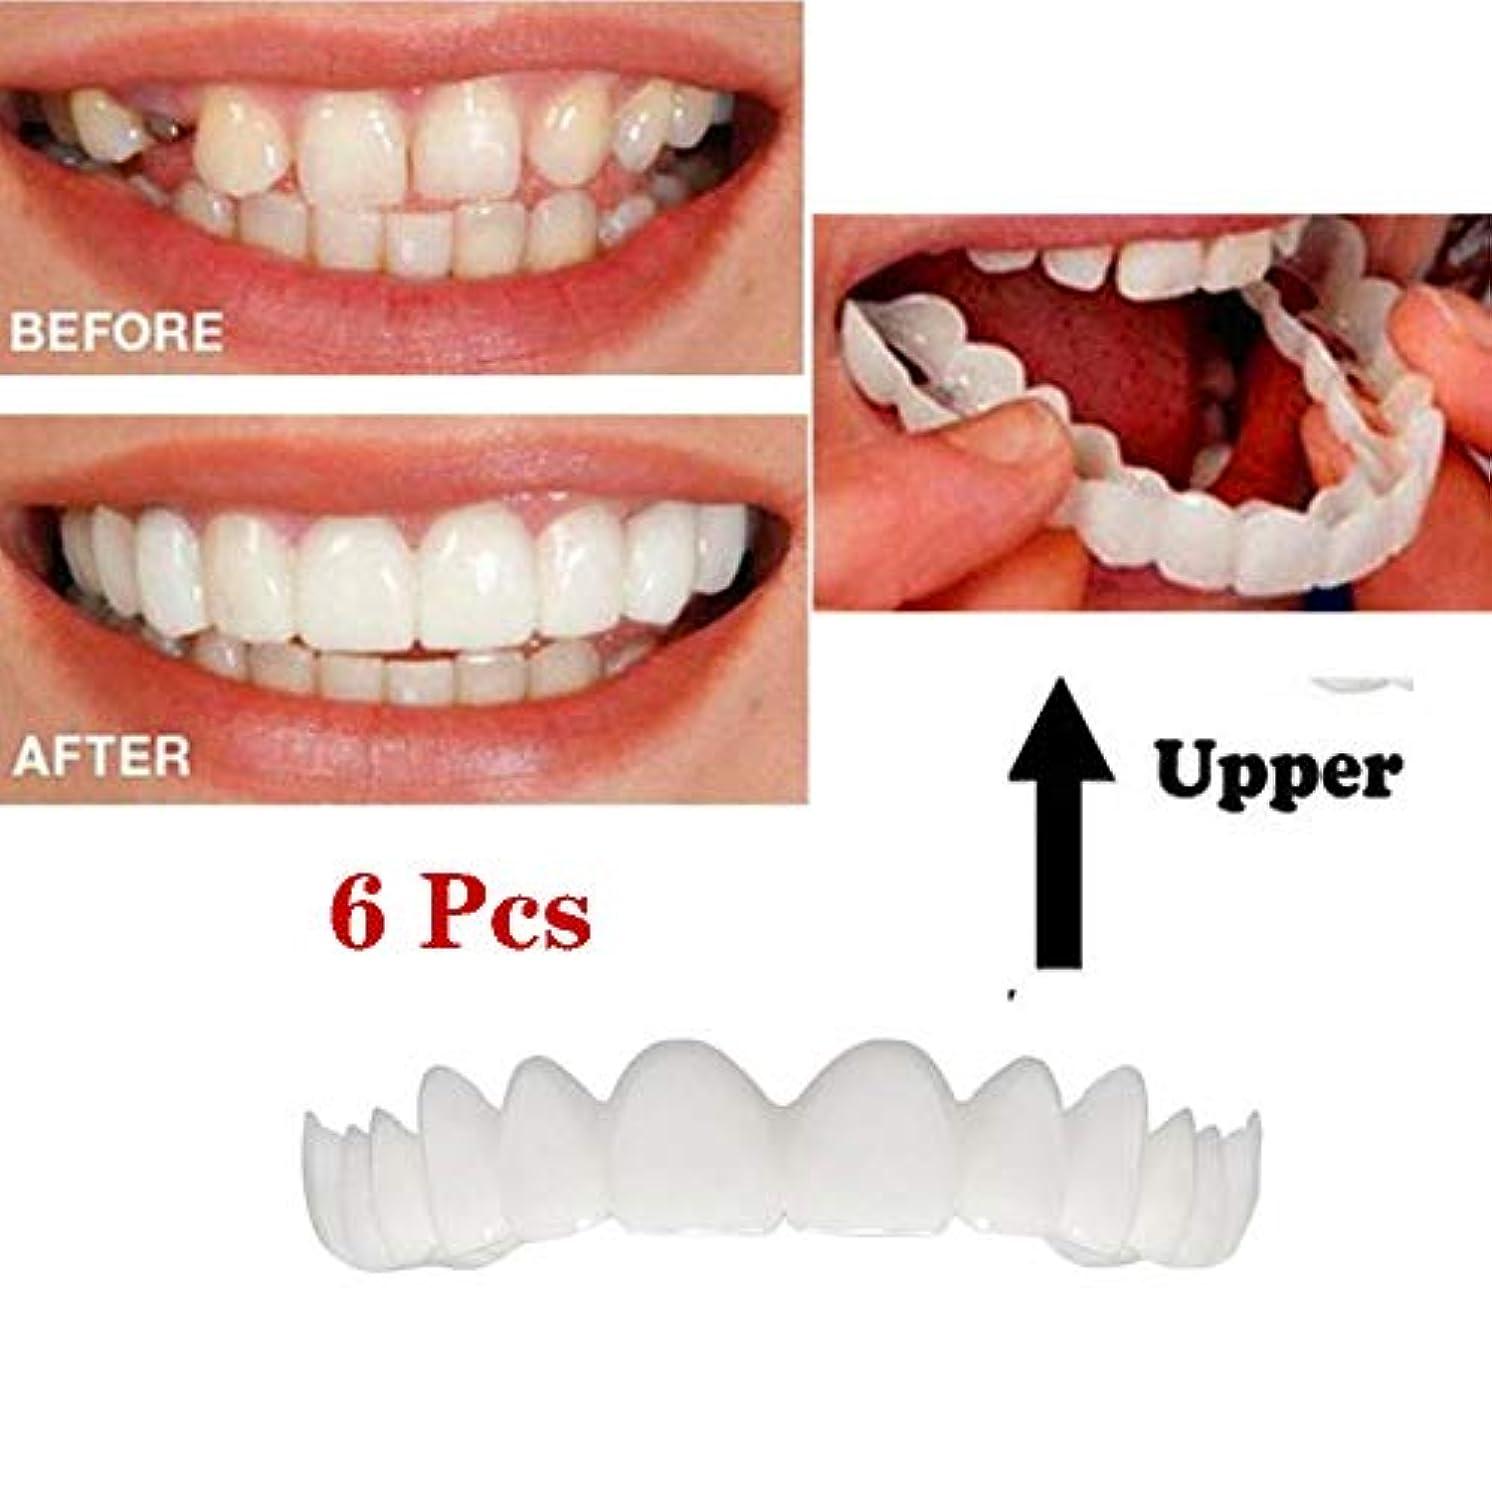 遠足十頑張る義歯口腔ケア歯ホワイトニング義歯口腔ケアアッパーブレース一時的な化粧品歯義歯 - 6本